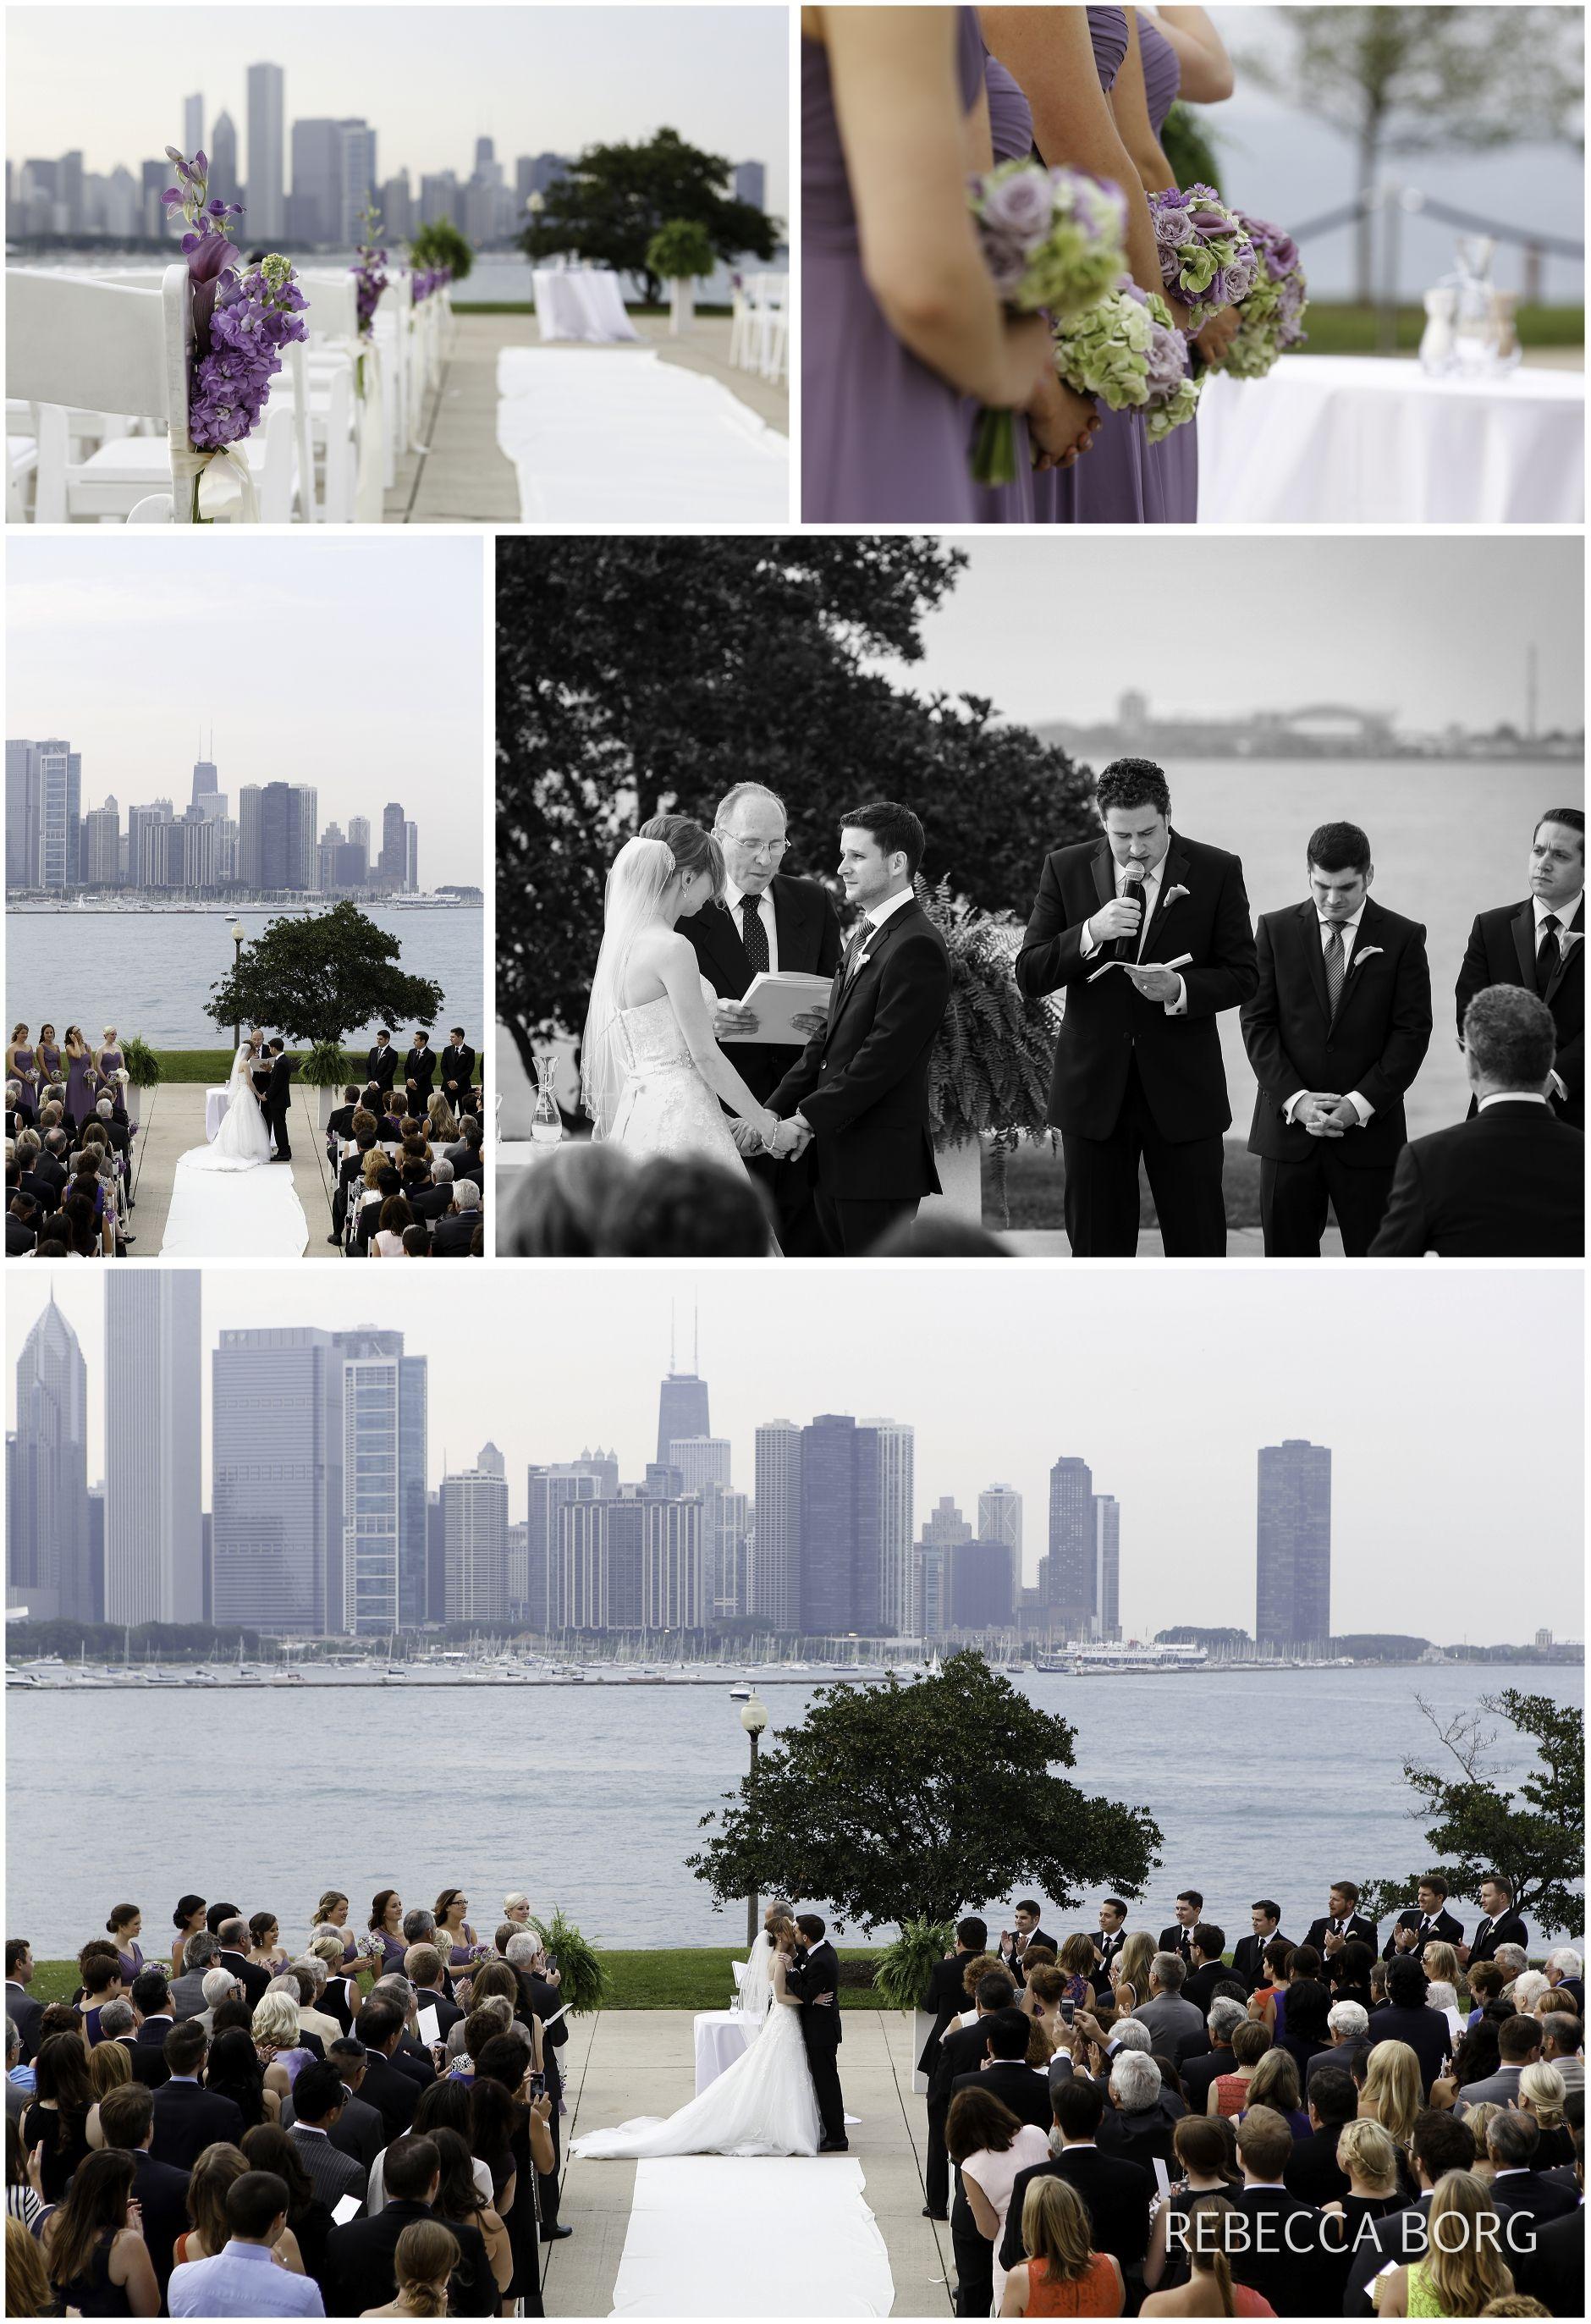 adler wedding picture chicago wedding